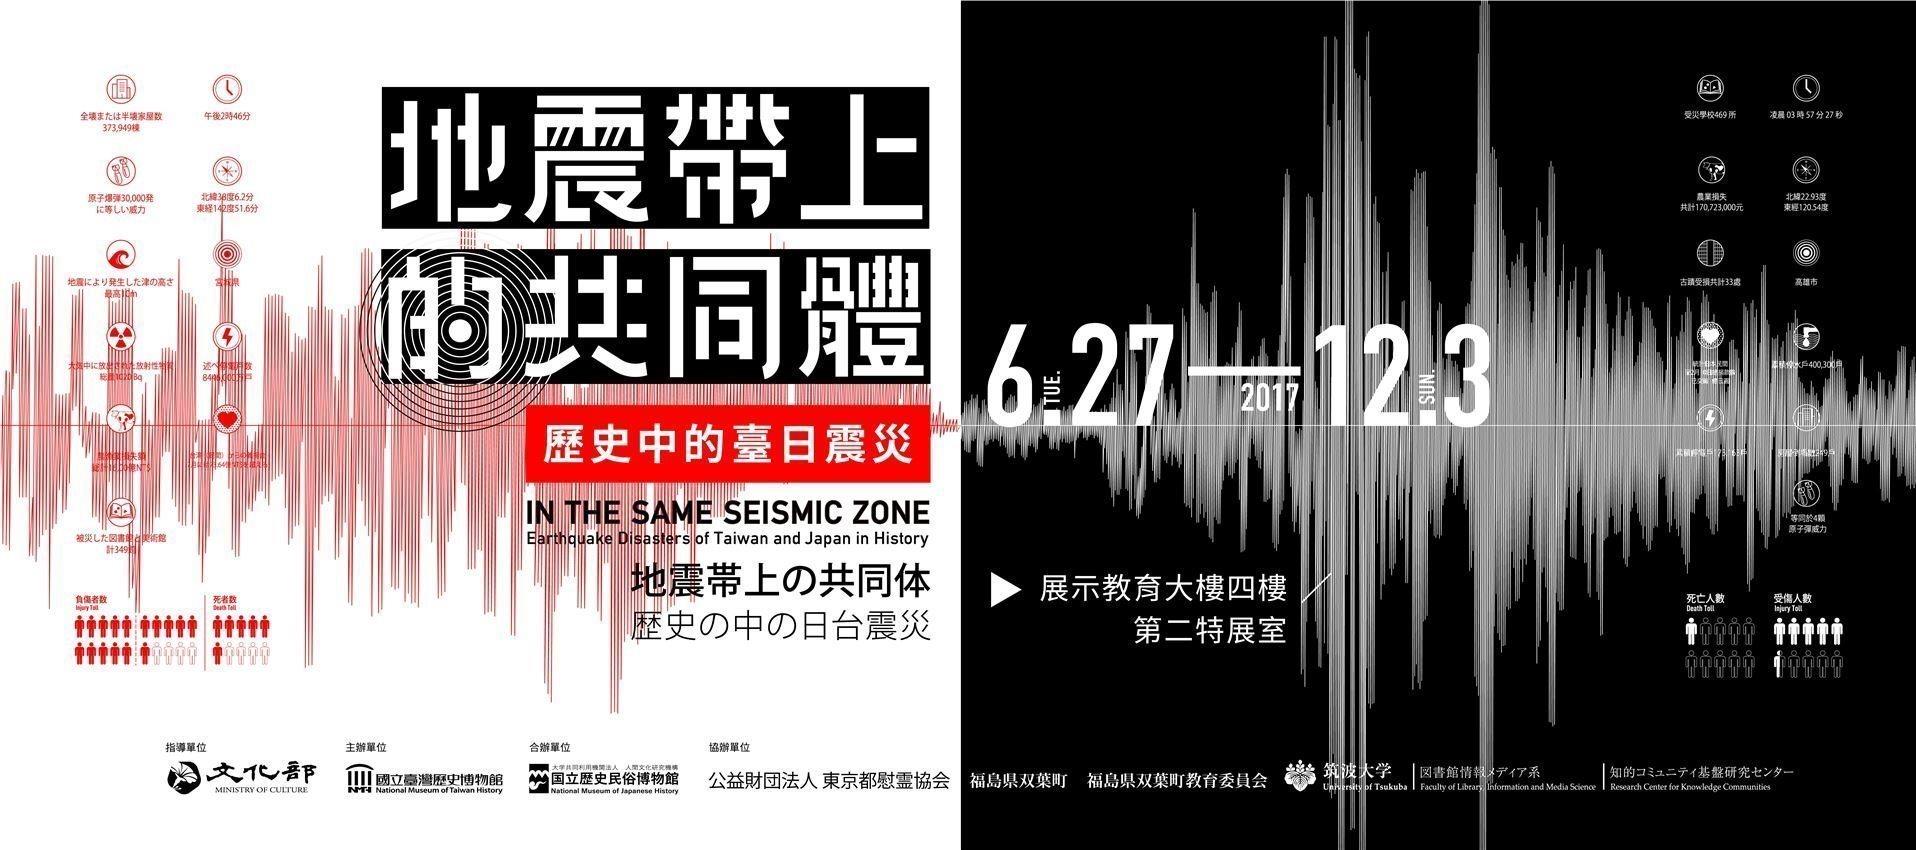 「地震帶上的共同體:歷史中的臺日震災」特展